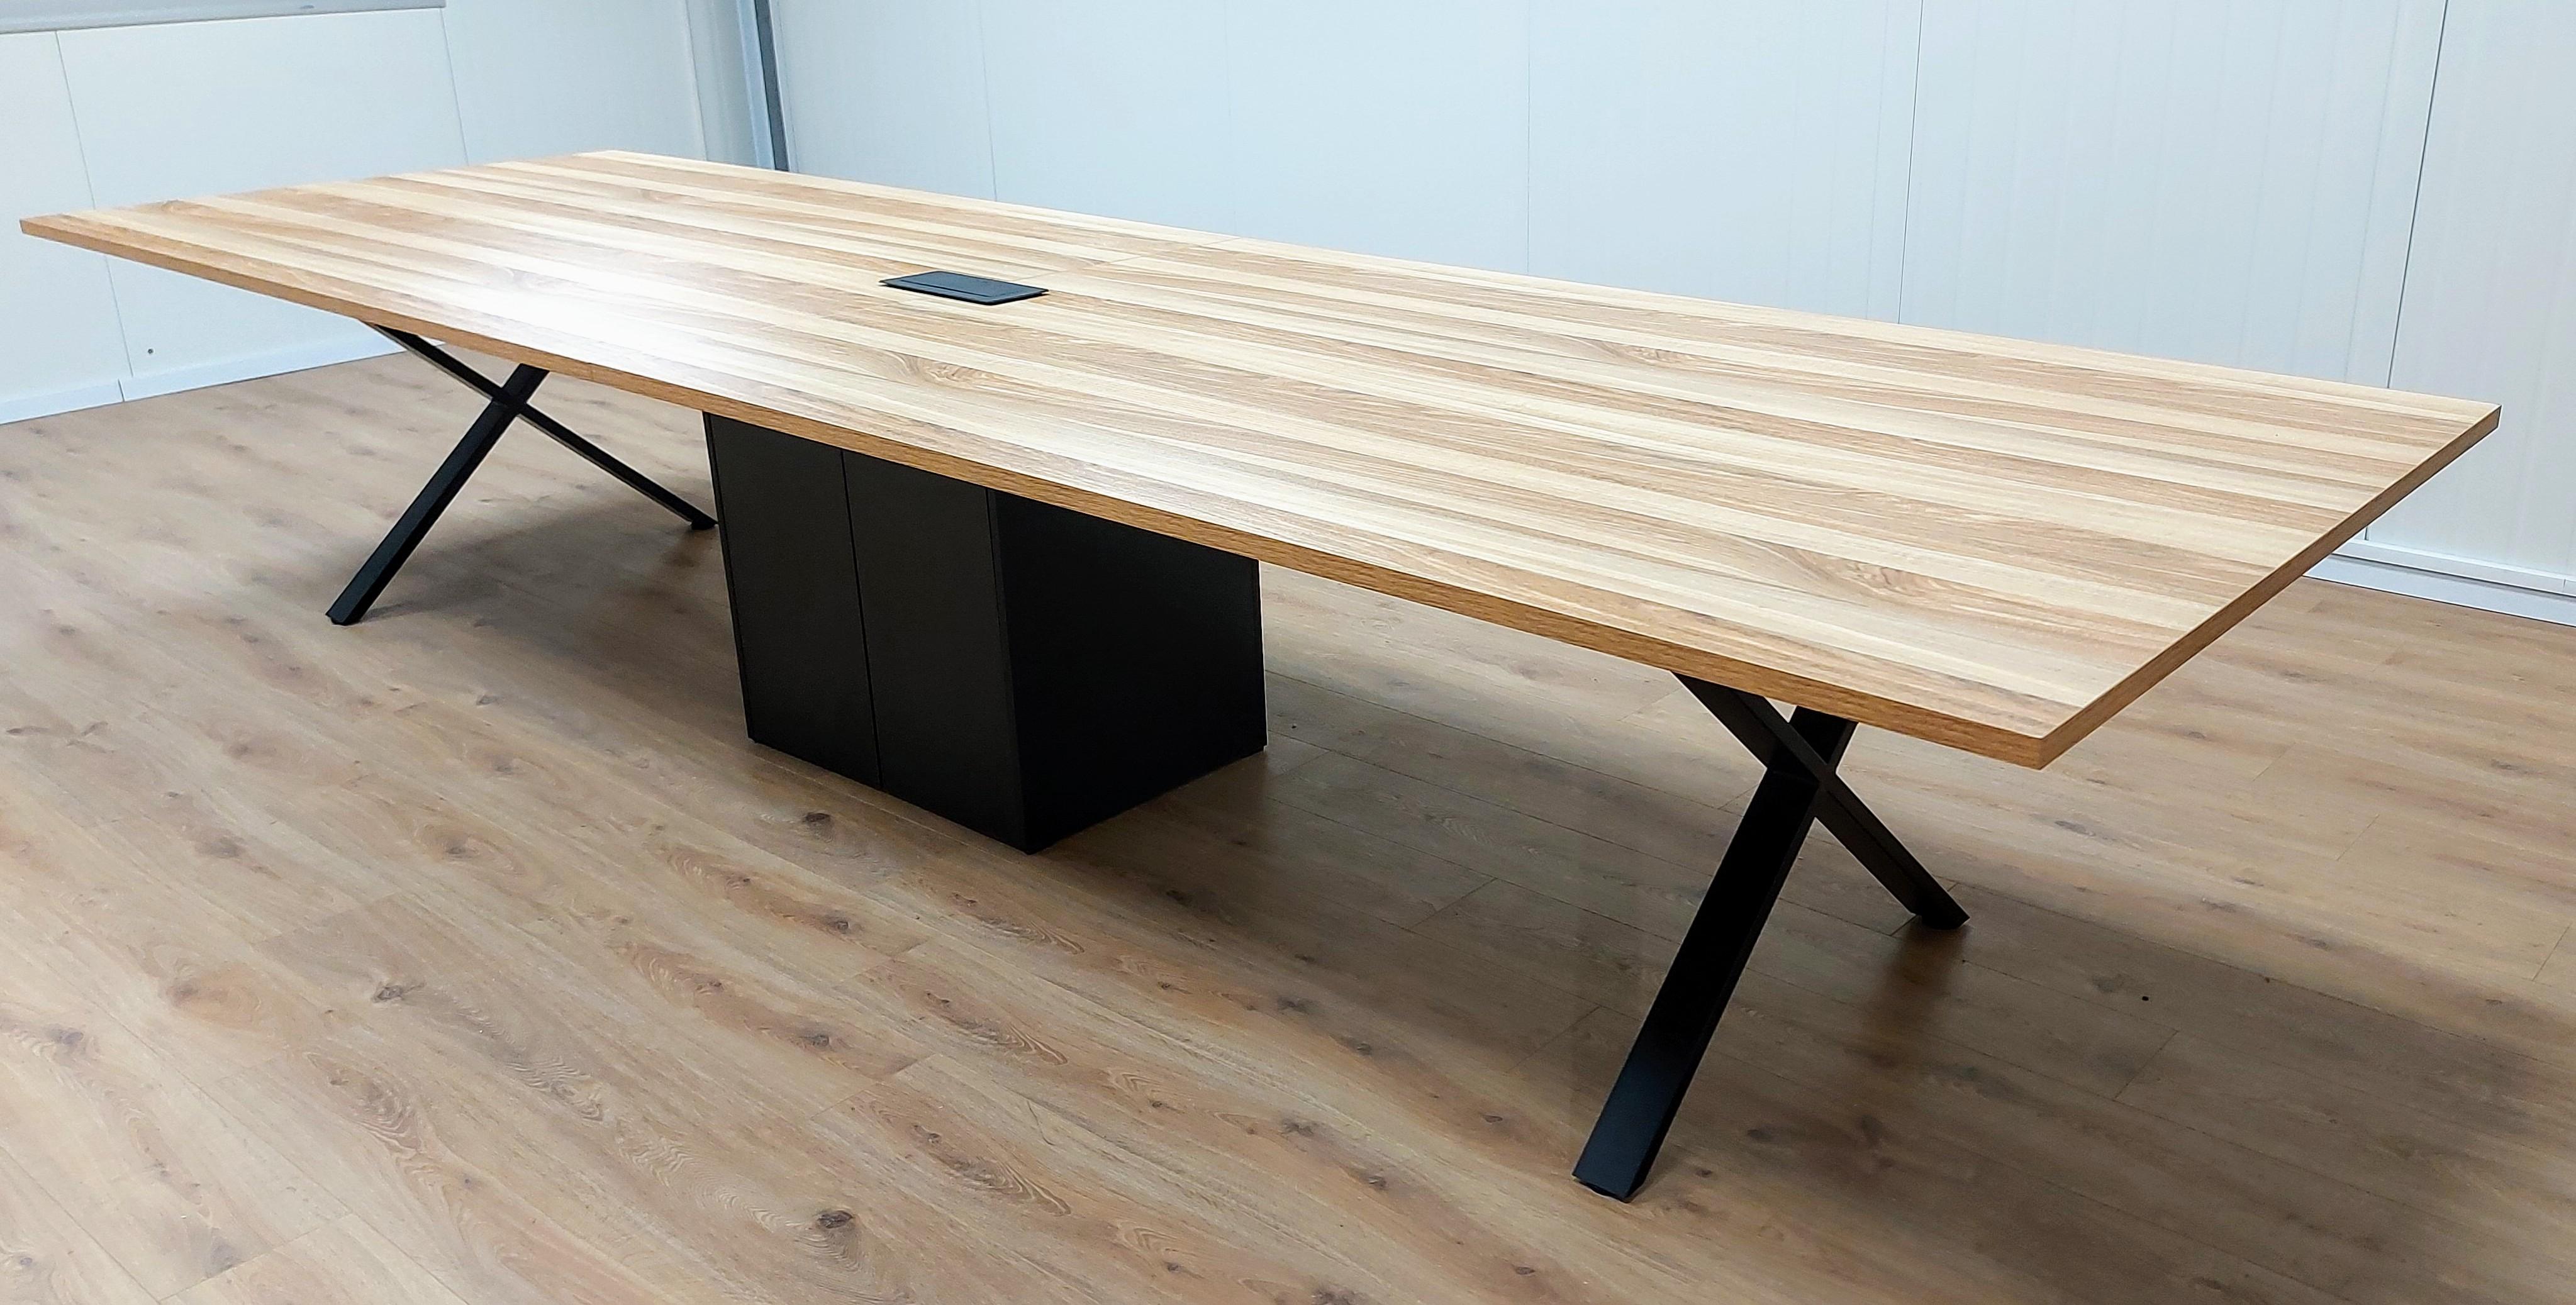 שולחן ישיבות 400X120 רגלי מתכת X כולל ארון תקשורת דלתות פתיחה